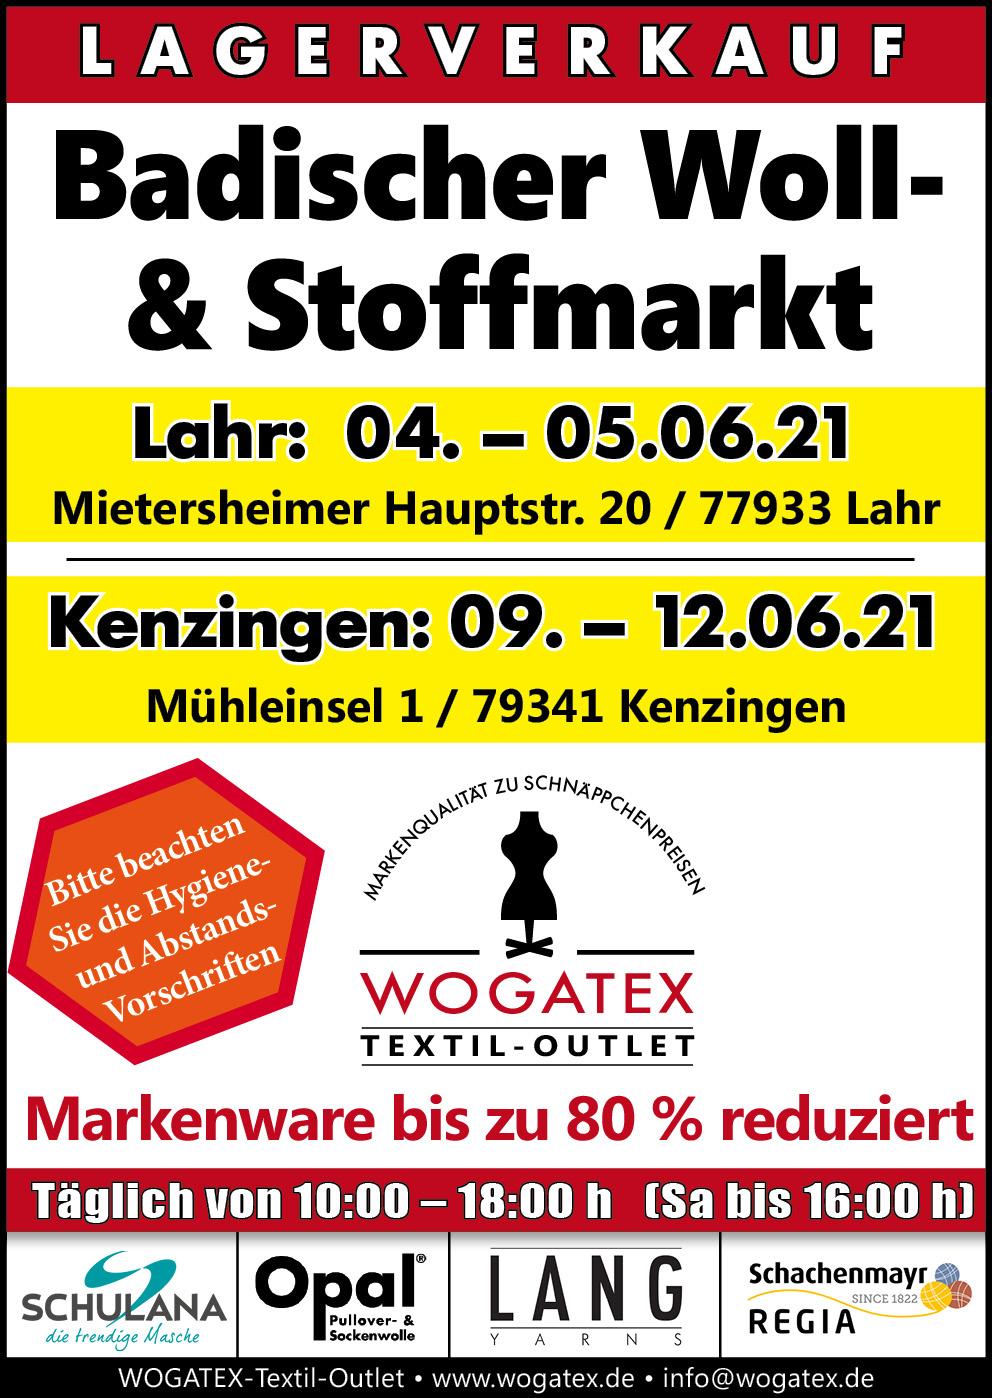 Badischer Woll- und Stoffmarkt